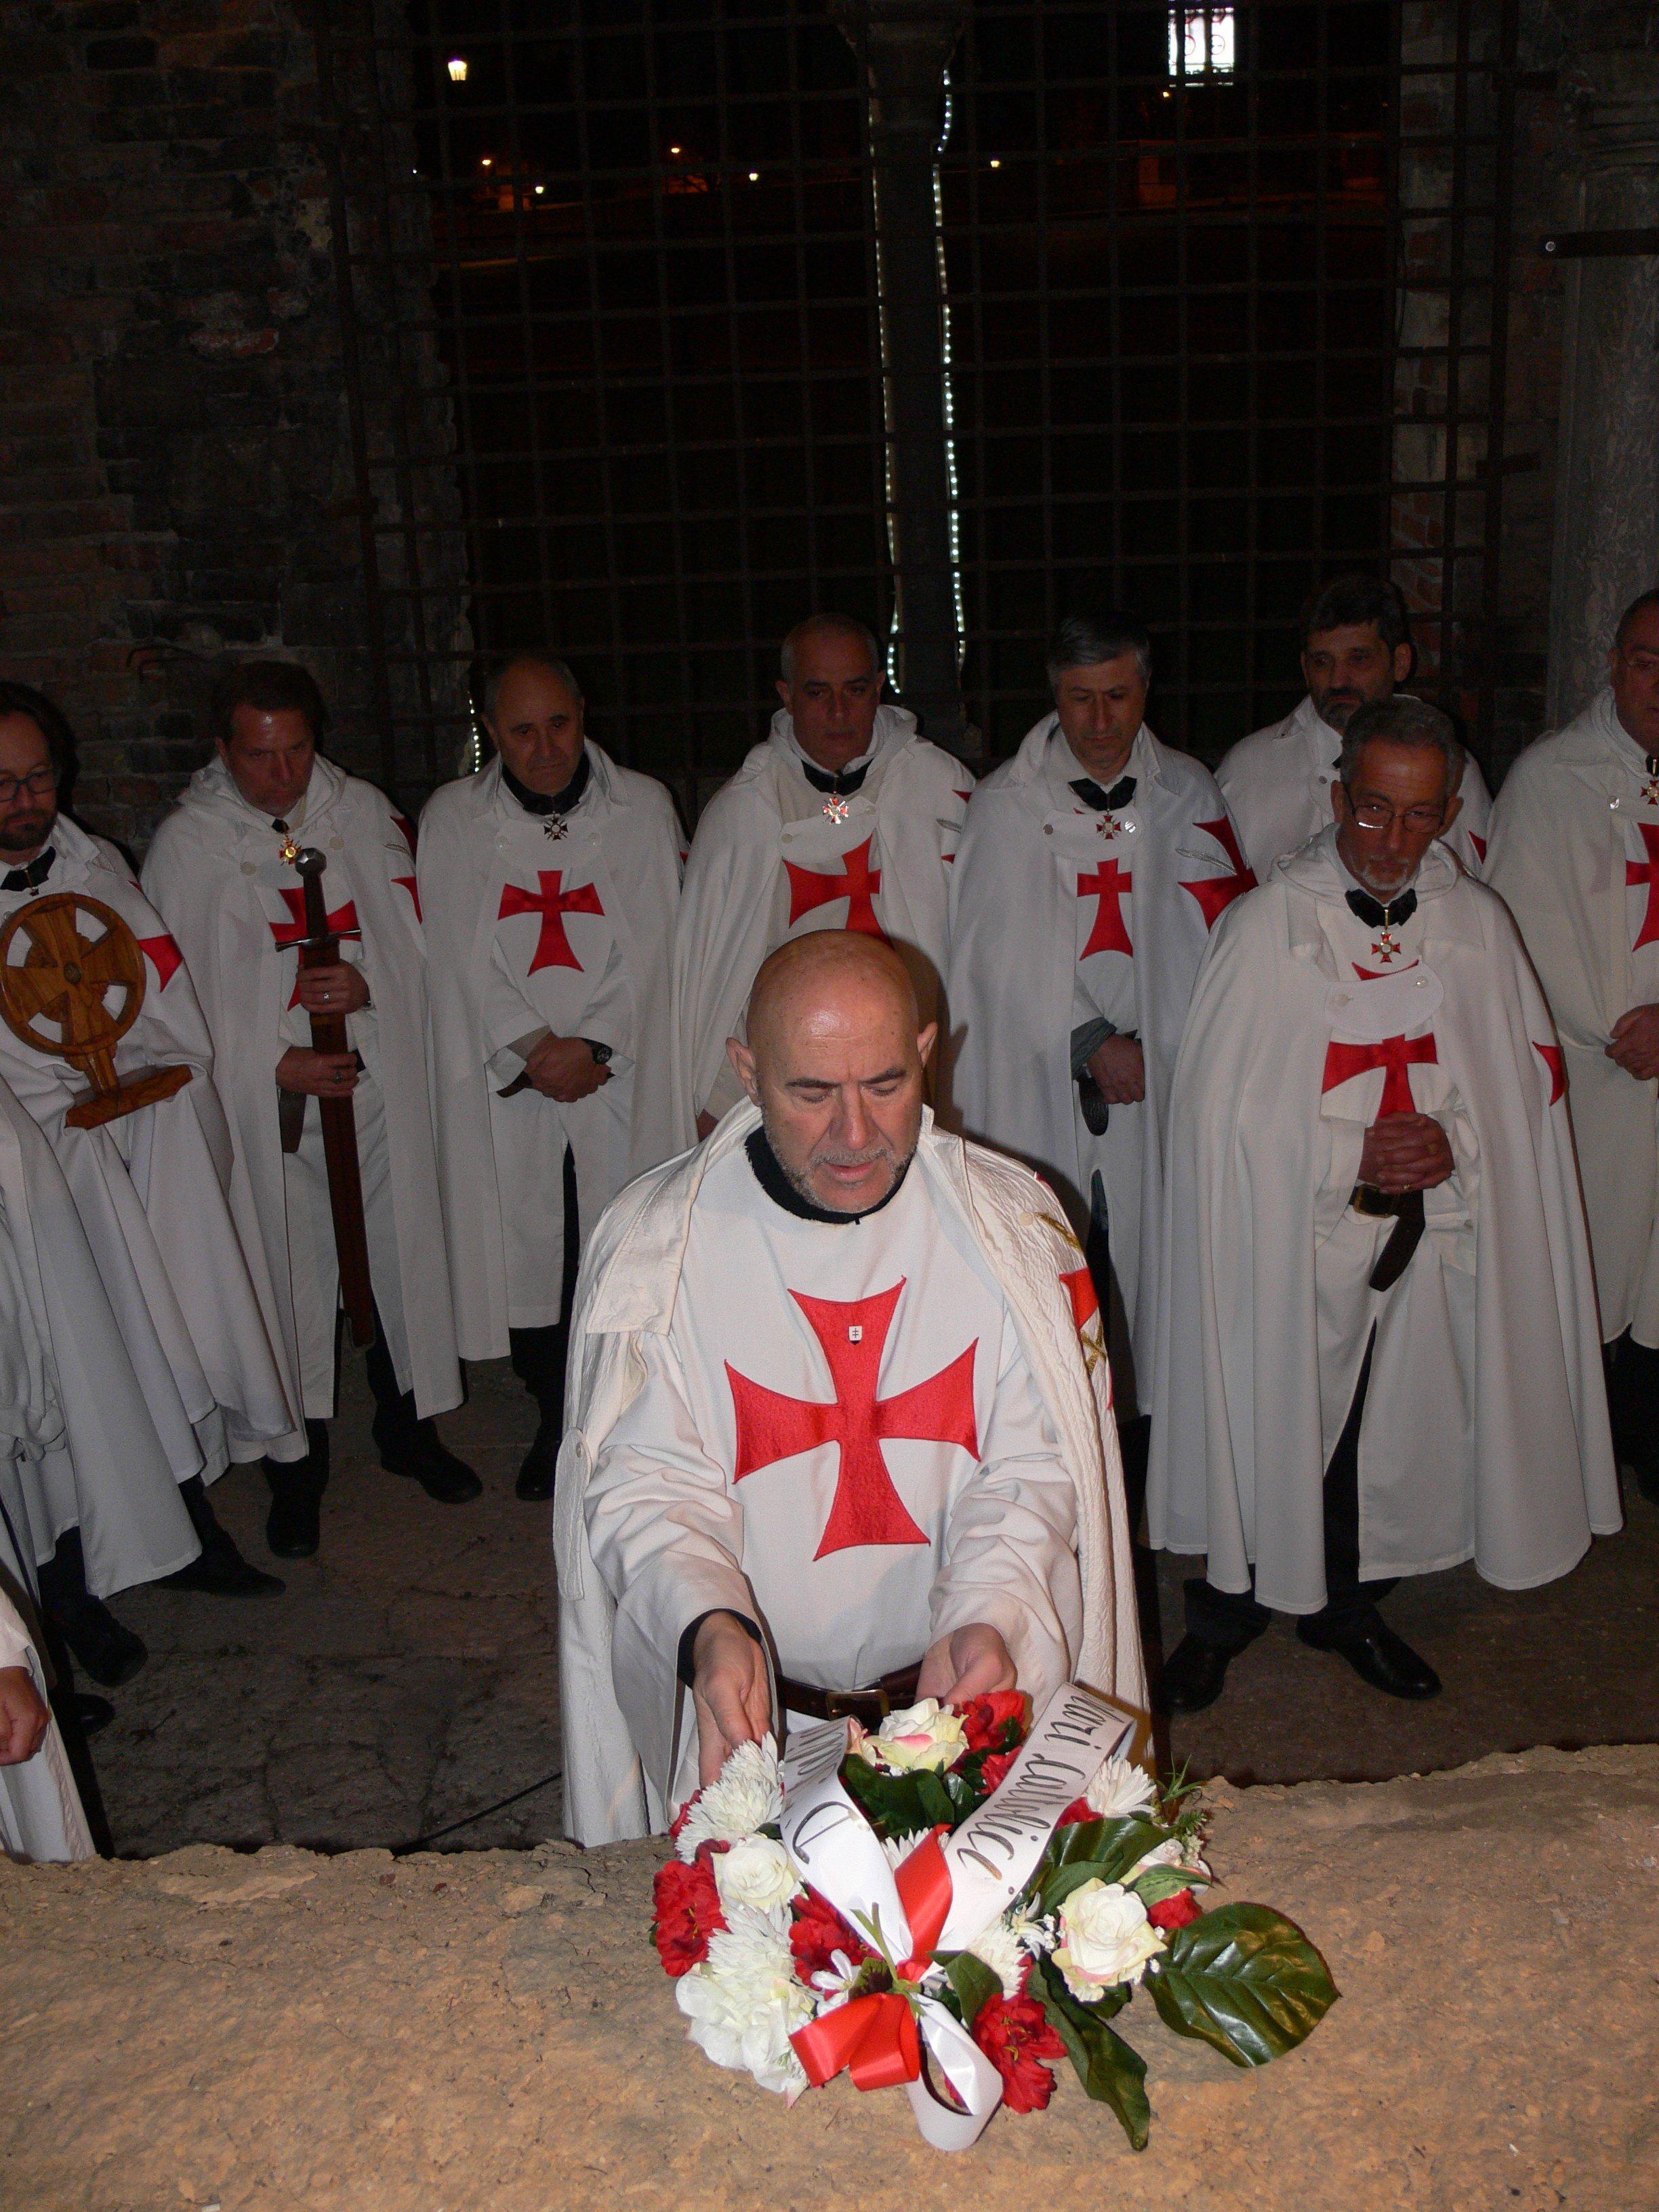 I Templari Cattolici d'Italia prestano servizio durante la celebrazione eucaristica a Verona, a seguire veglia di preghiera e posa di una ghirlanda di rose sulla tomba che con ogni probabilità è la tomba del Maestro dell'Ordine del Tempio Arnau De Torroja.